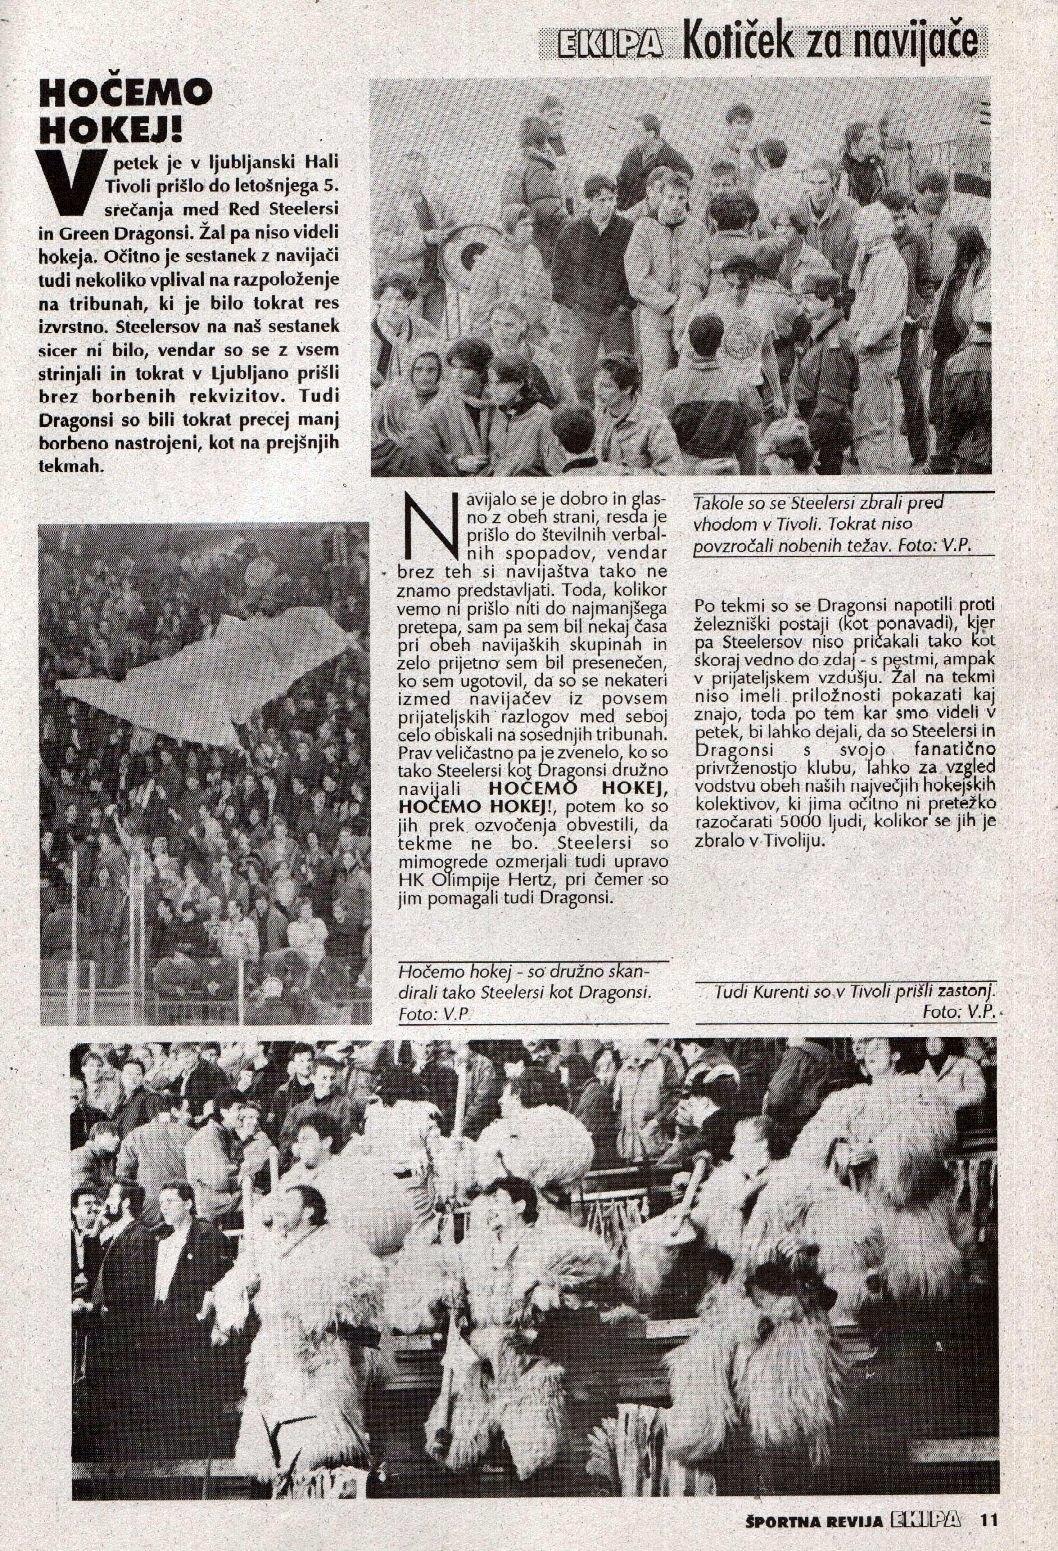 KZN13-2_4_3_1992